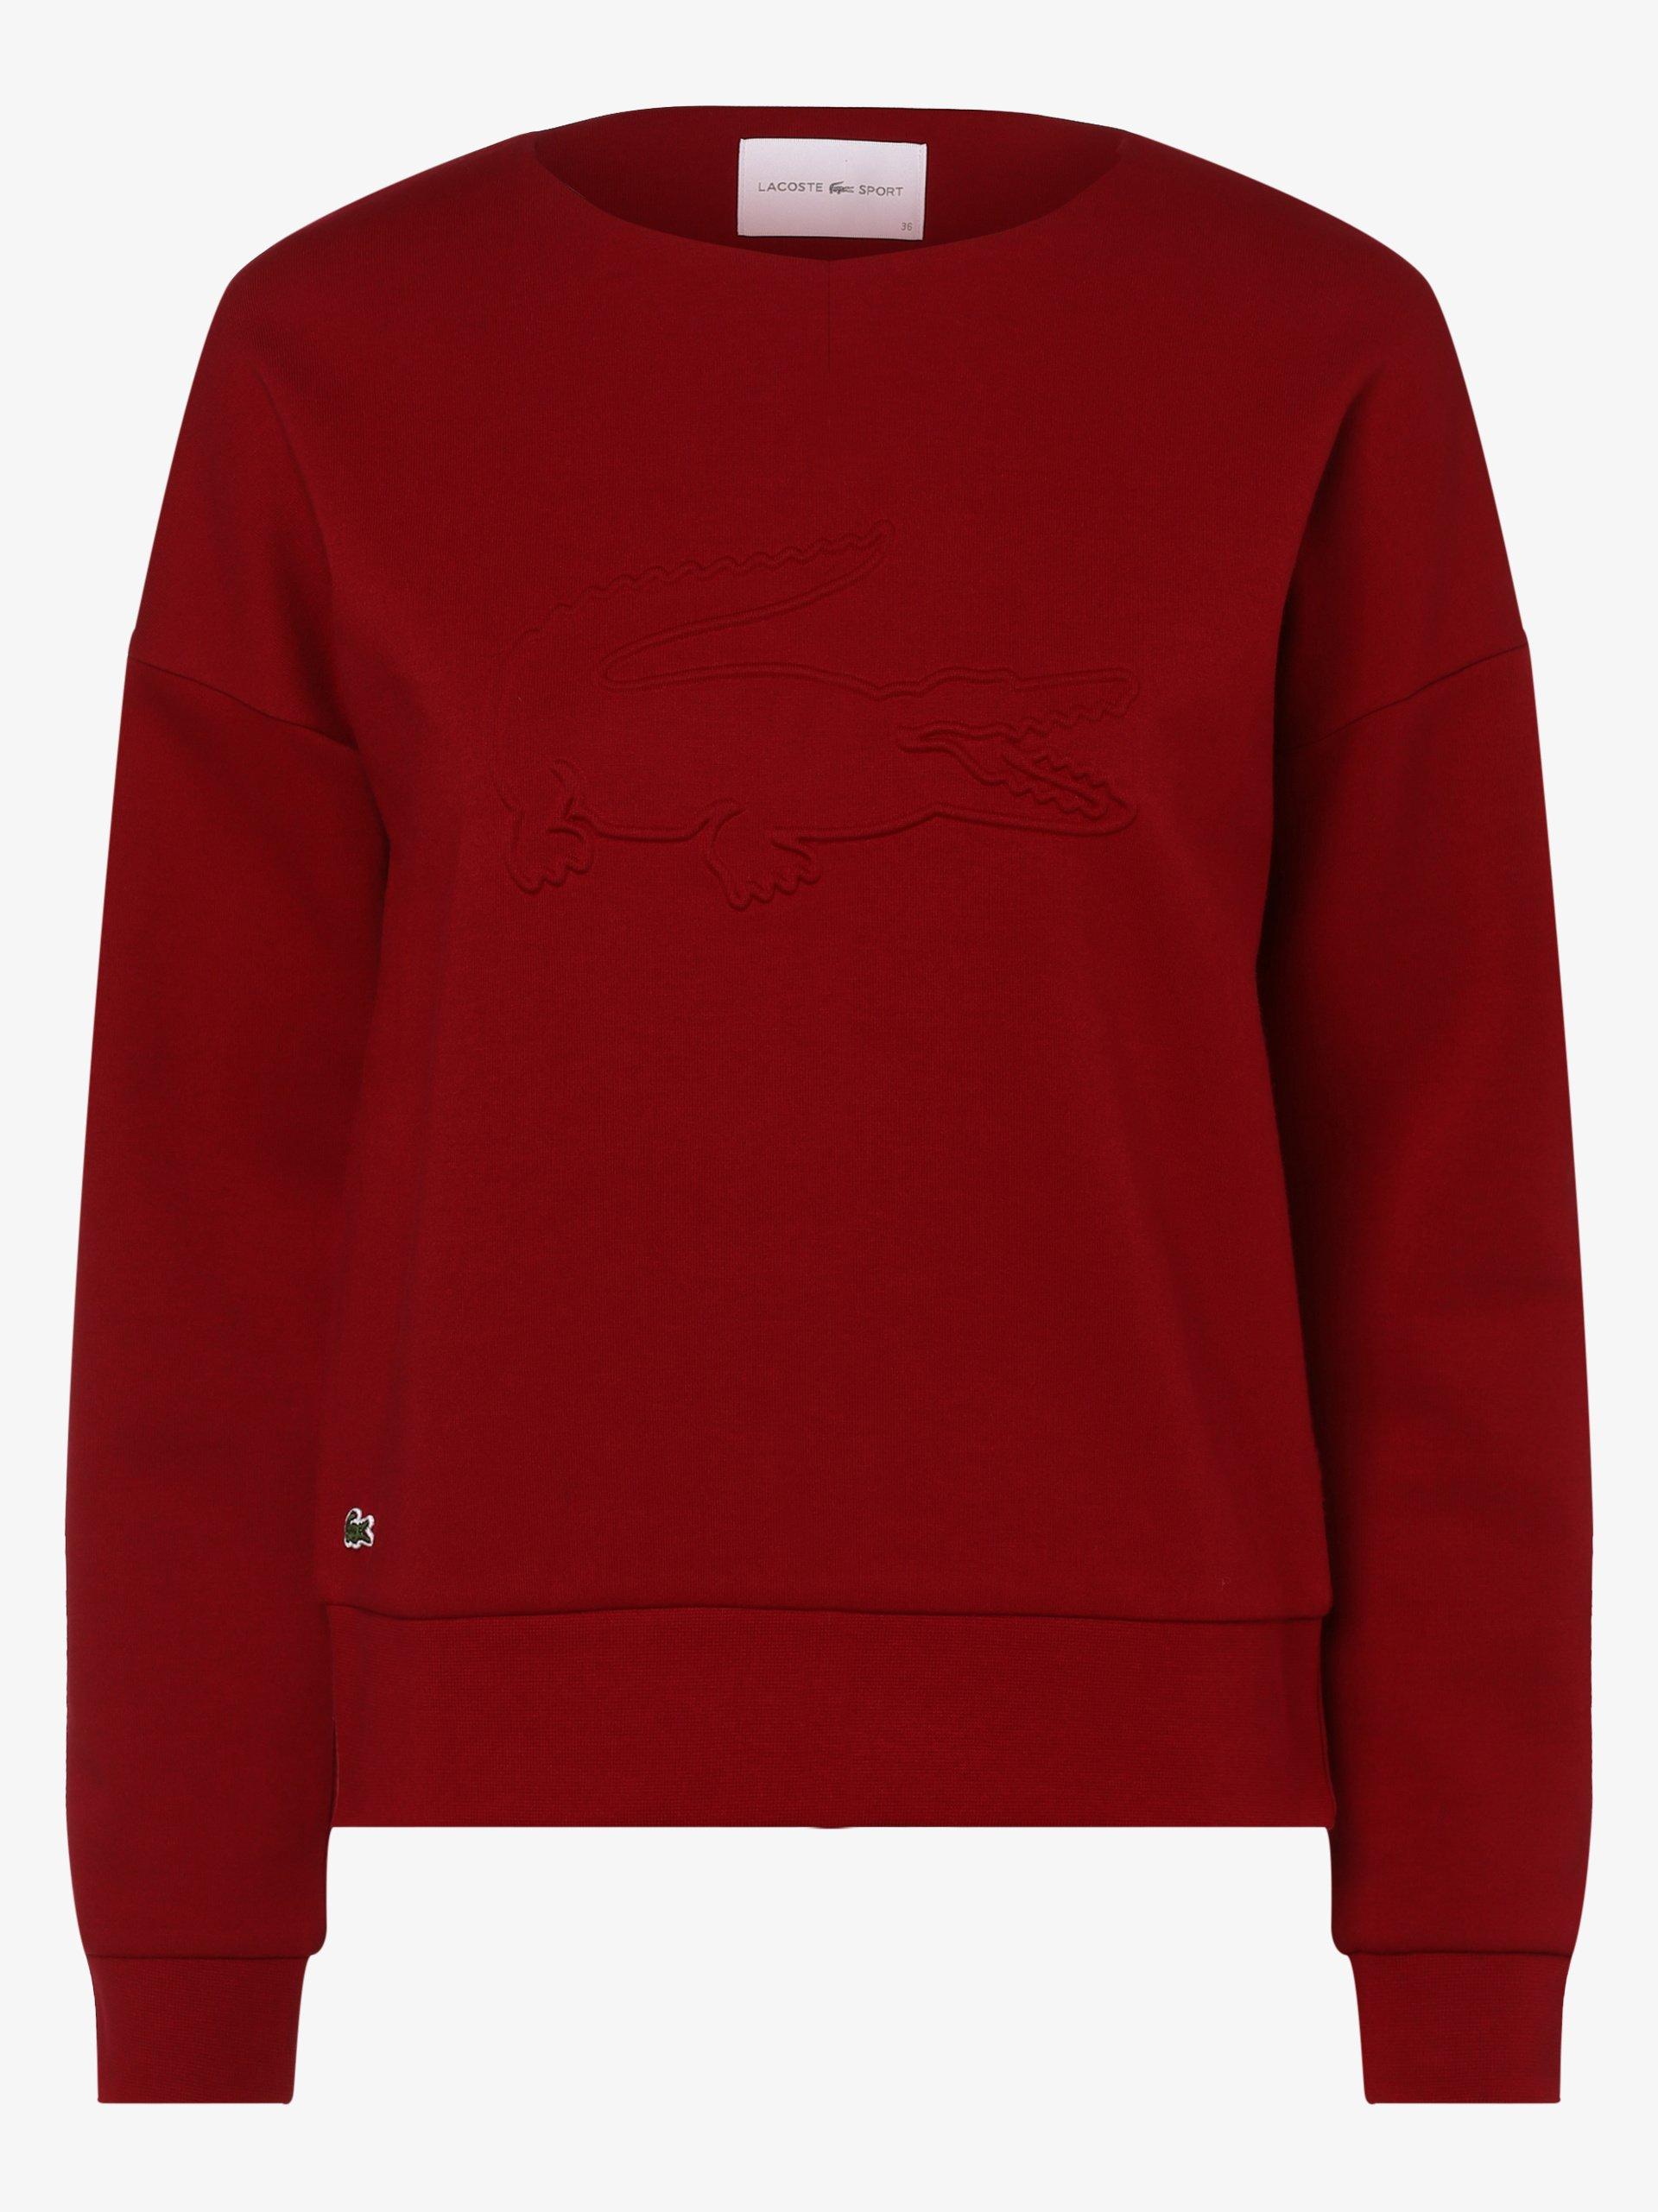 Lacoste Damen Sweatshirt